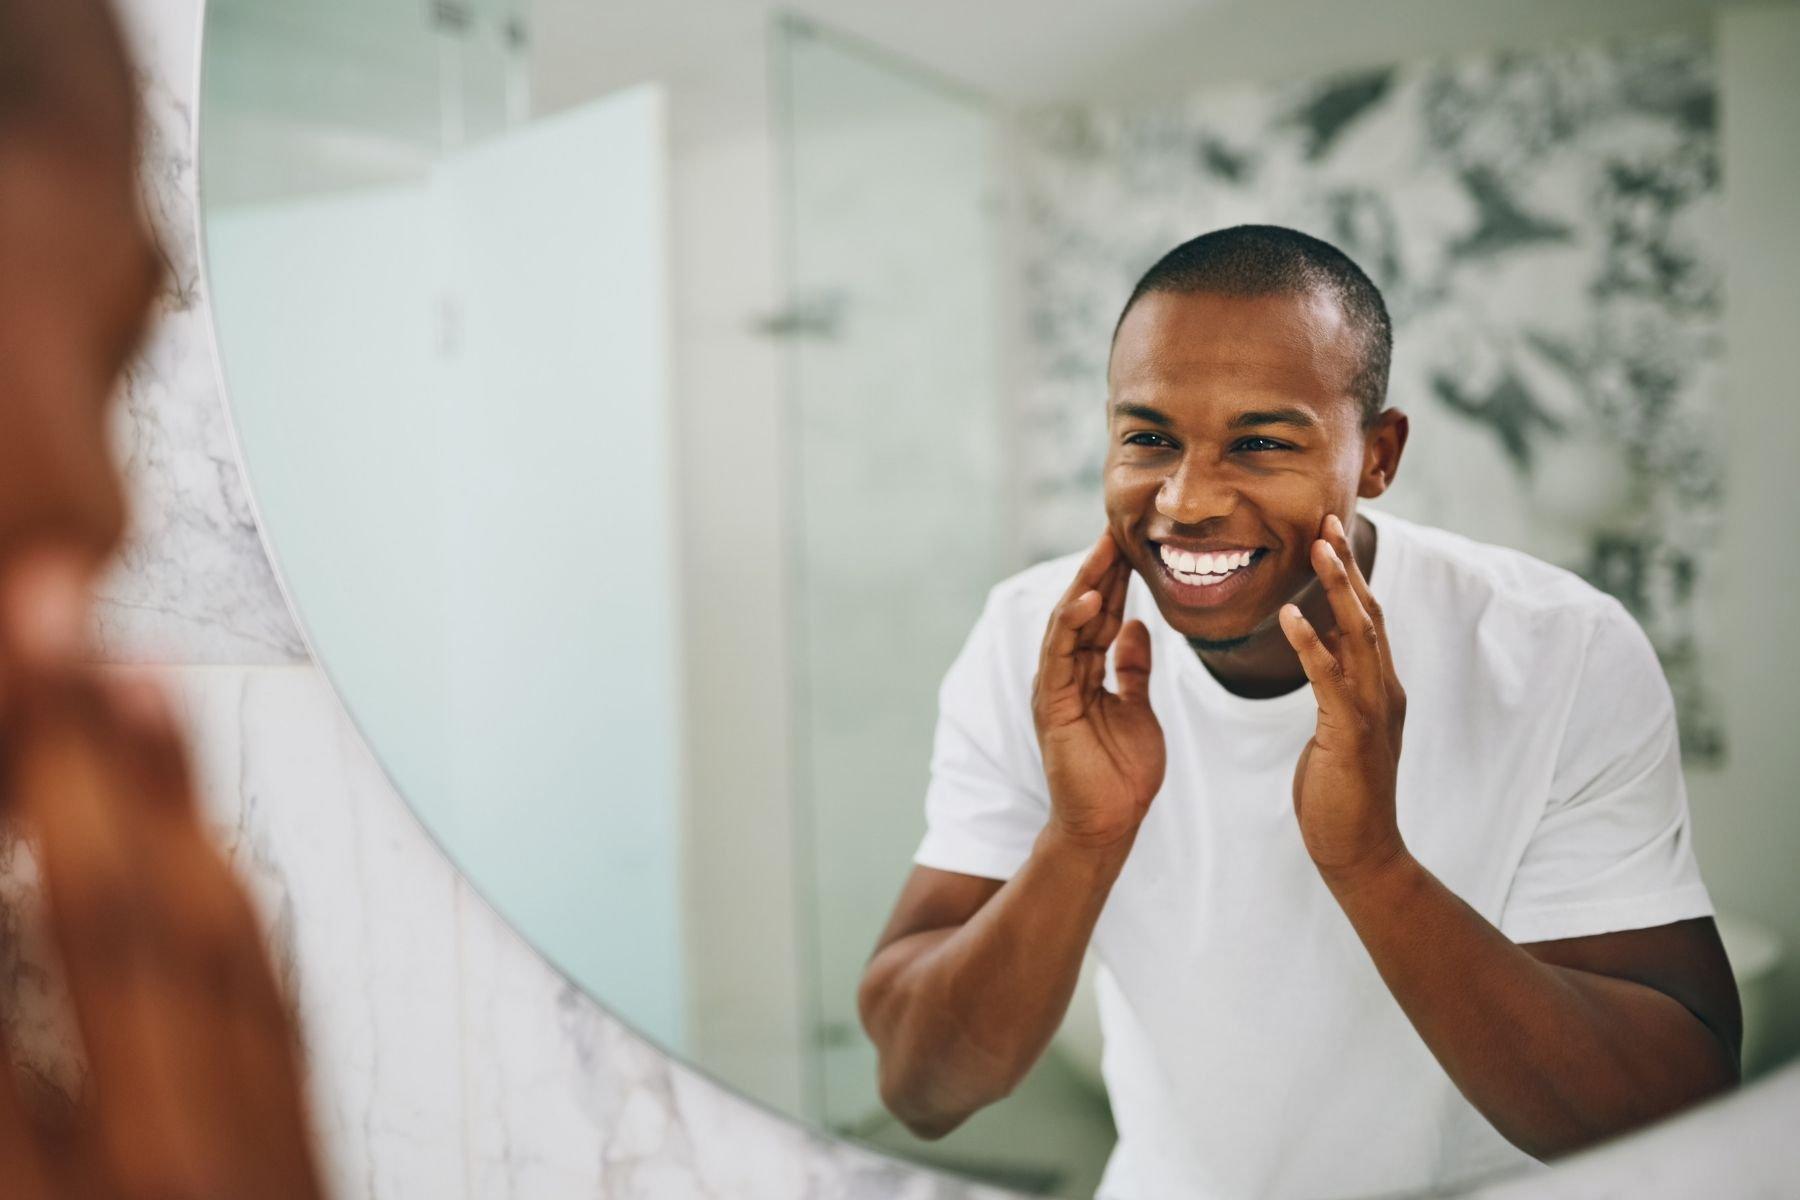 Gesichtspflege auf Reisen: der ultimative Leitfaden für Männer